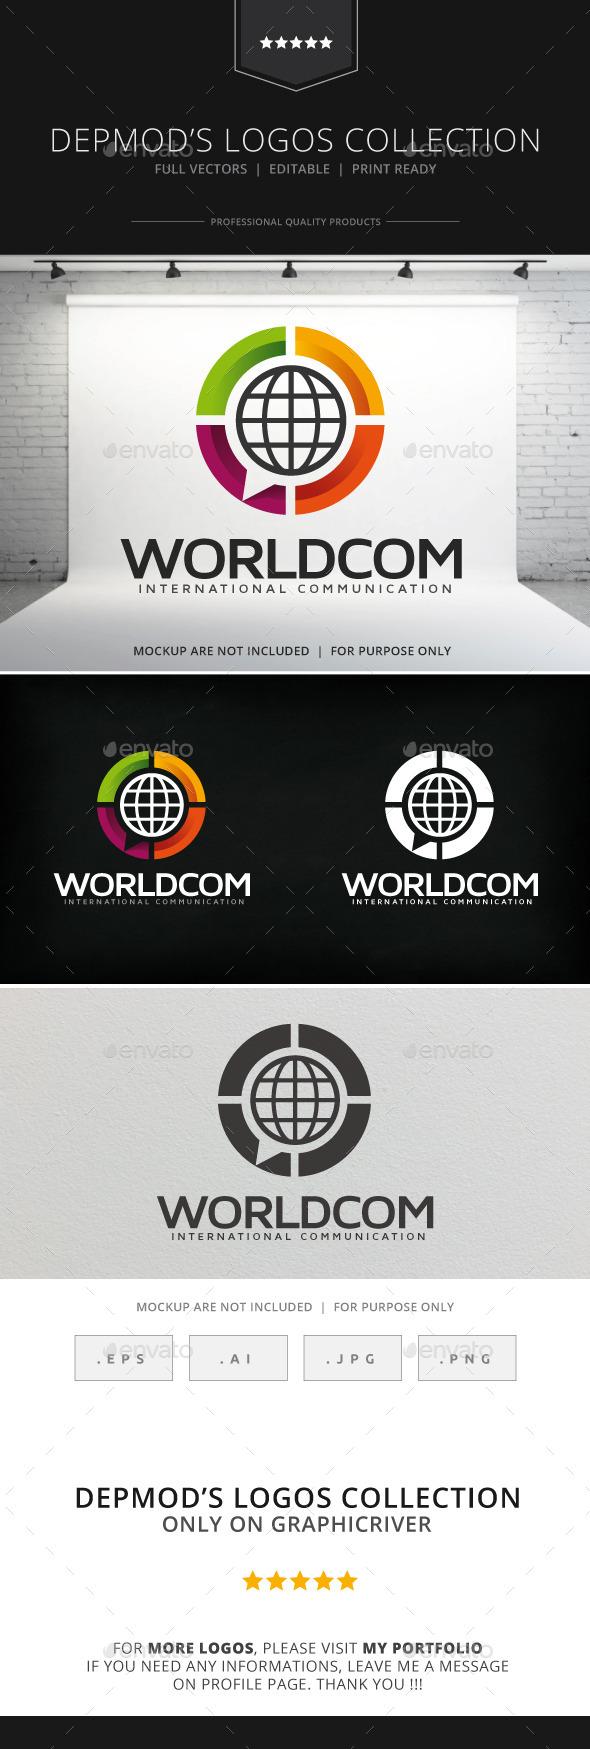 GraphicRiver Worldcom Logo 8997969